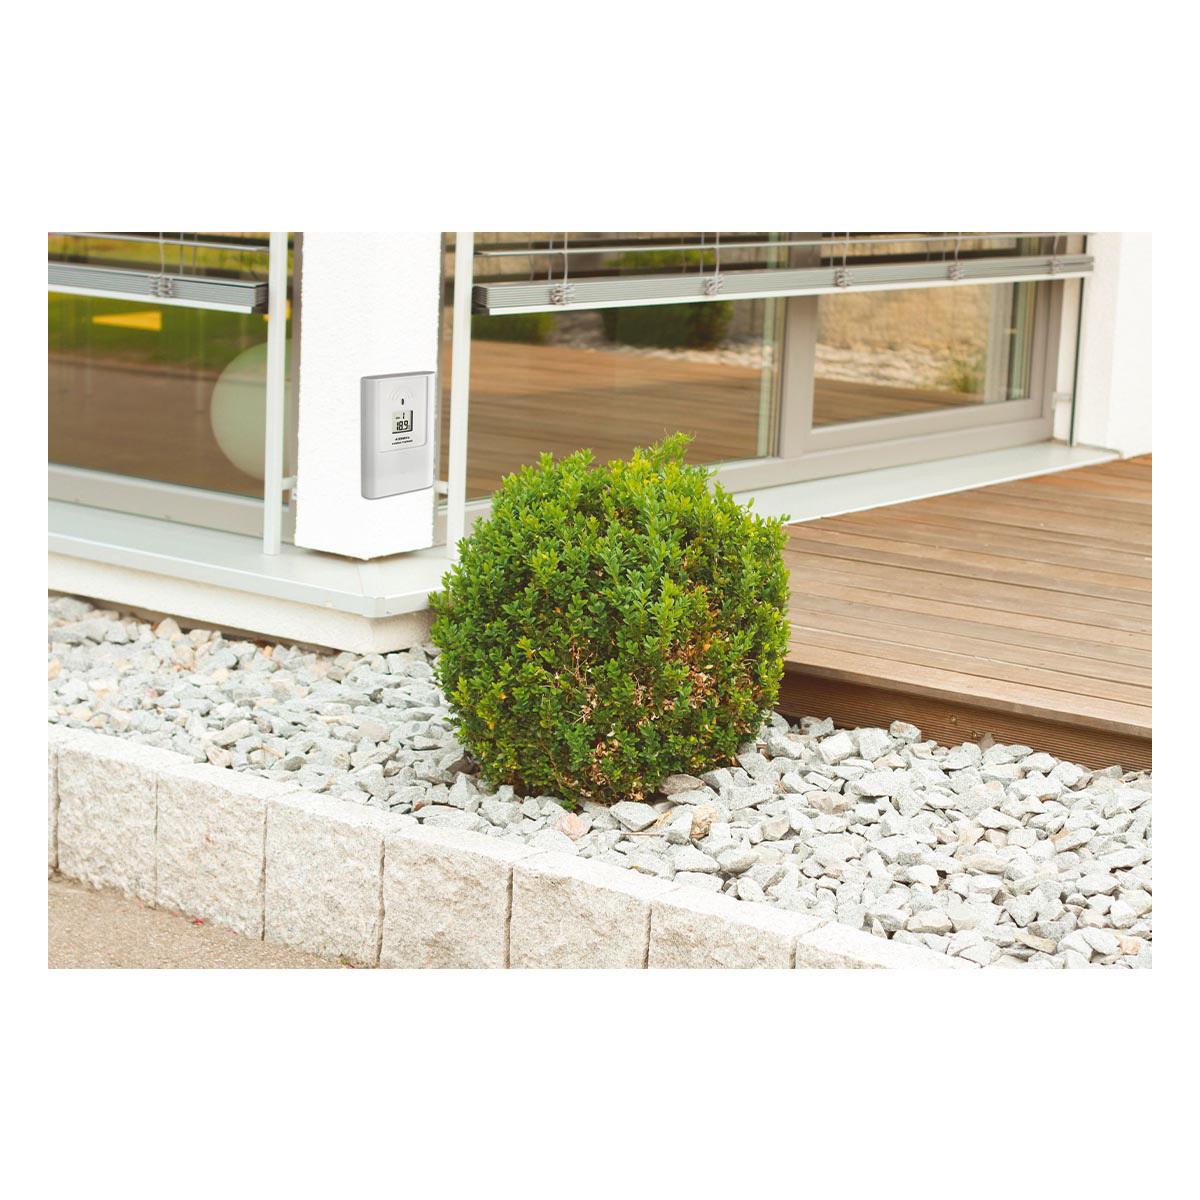 35-1135-01-funk-wetterstation-casa-anwendung-1200x1200px.jpg